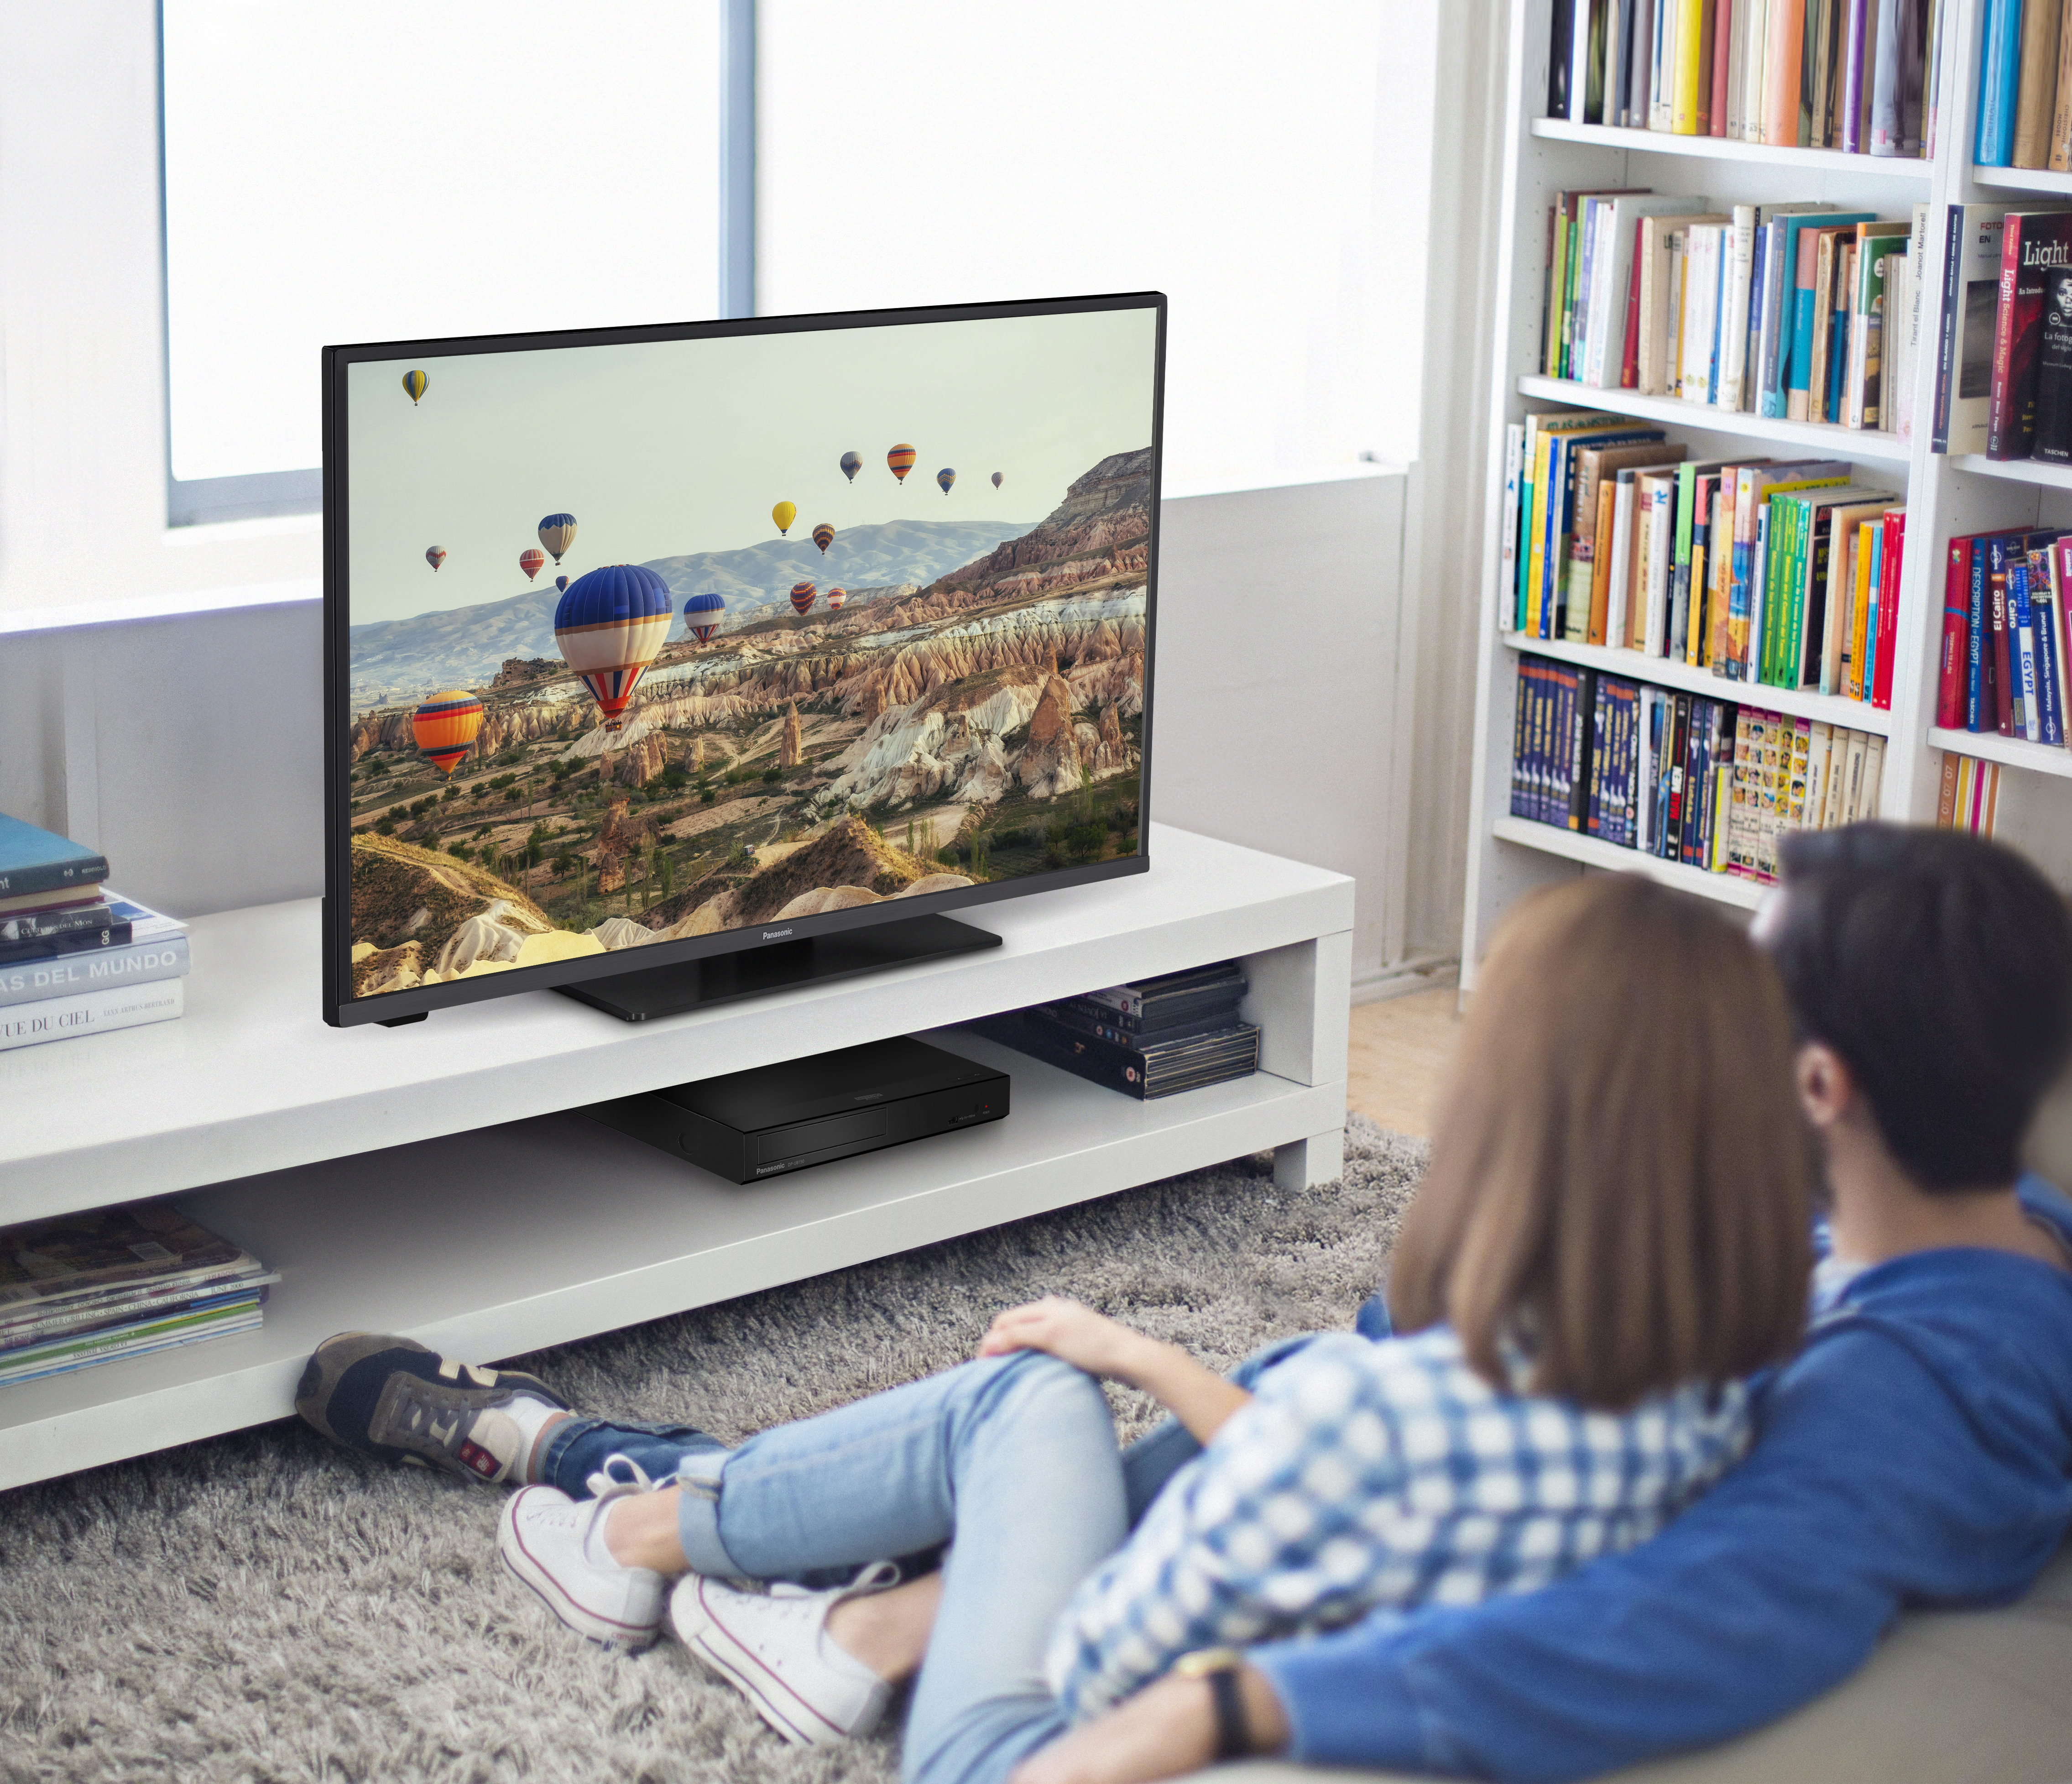 Panasonic amplía su gama de televisores con las series JX600 y JX700